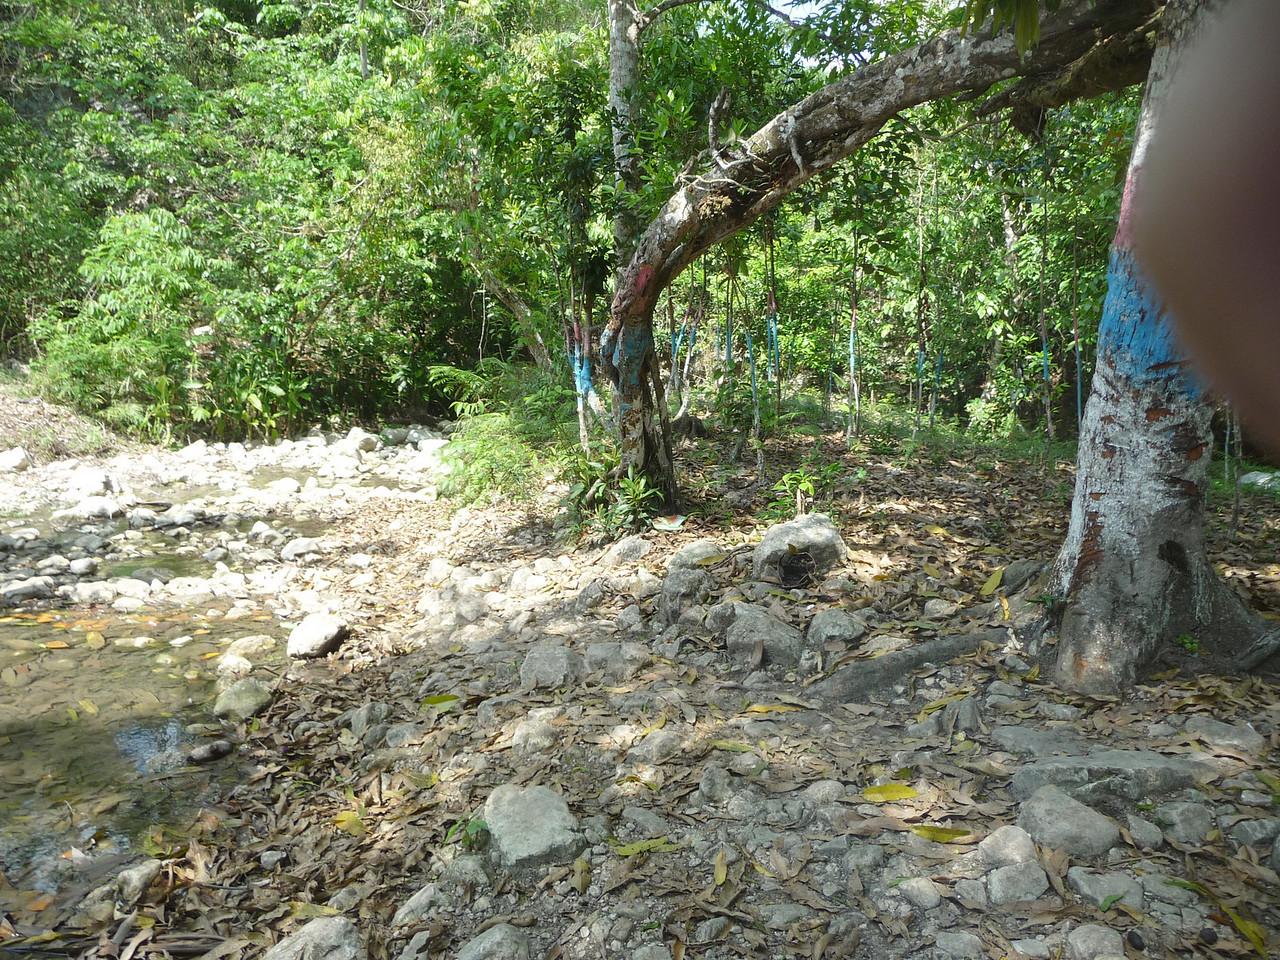 P1010945. Scenery around the well.